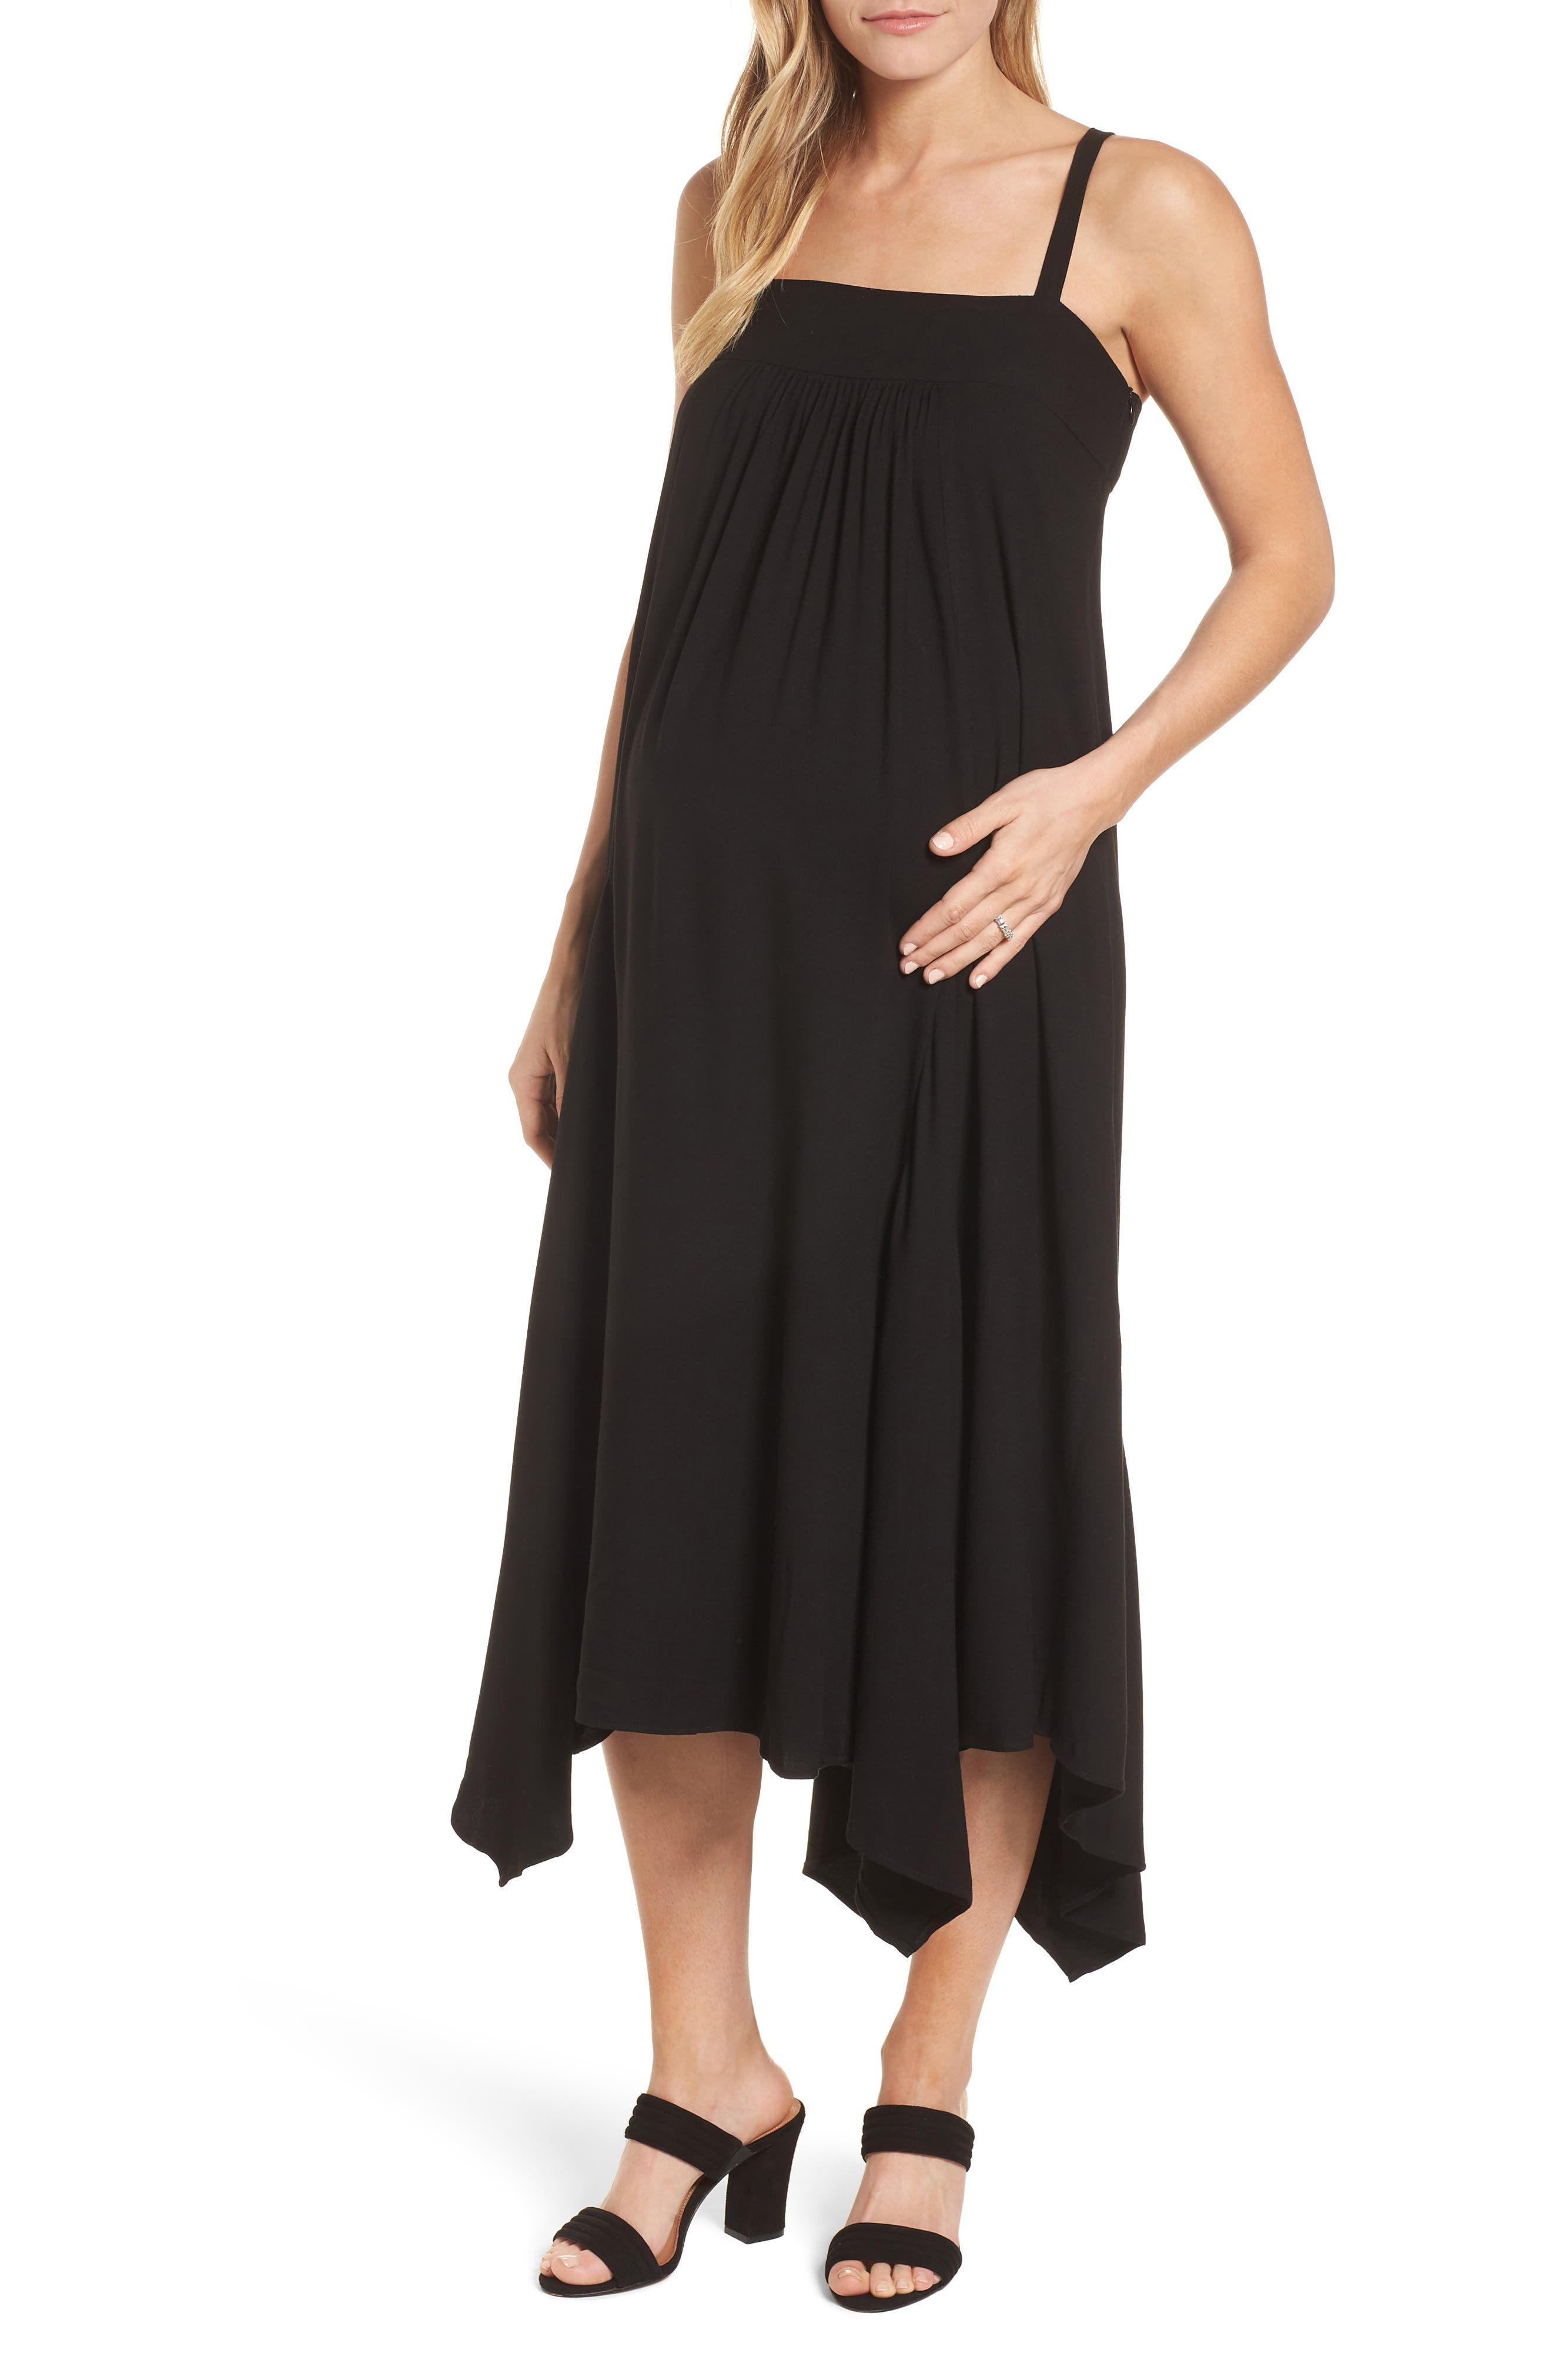 Carey Handkerchief Hem Maternity Dress,                         Main,                         color, Caviar Black